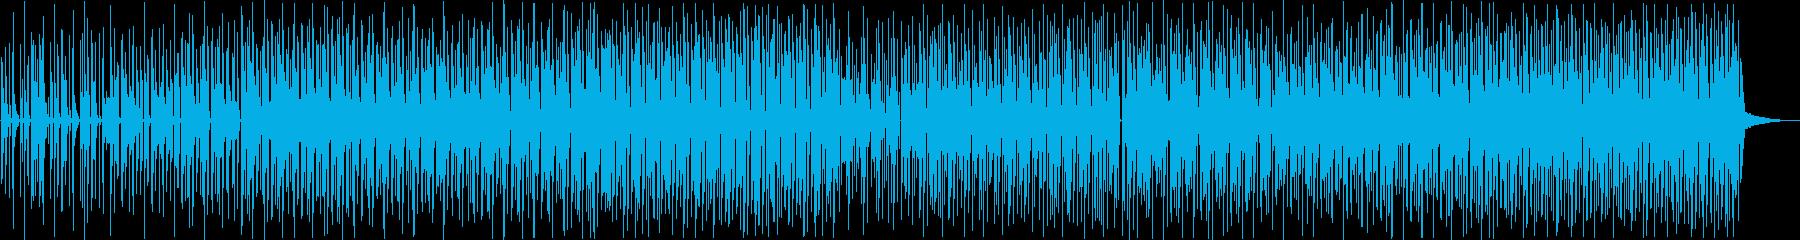 可愛いく甘い雰囲気のフューチャーポップの再生済みの波形